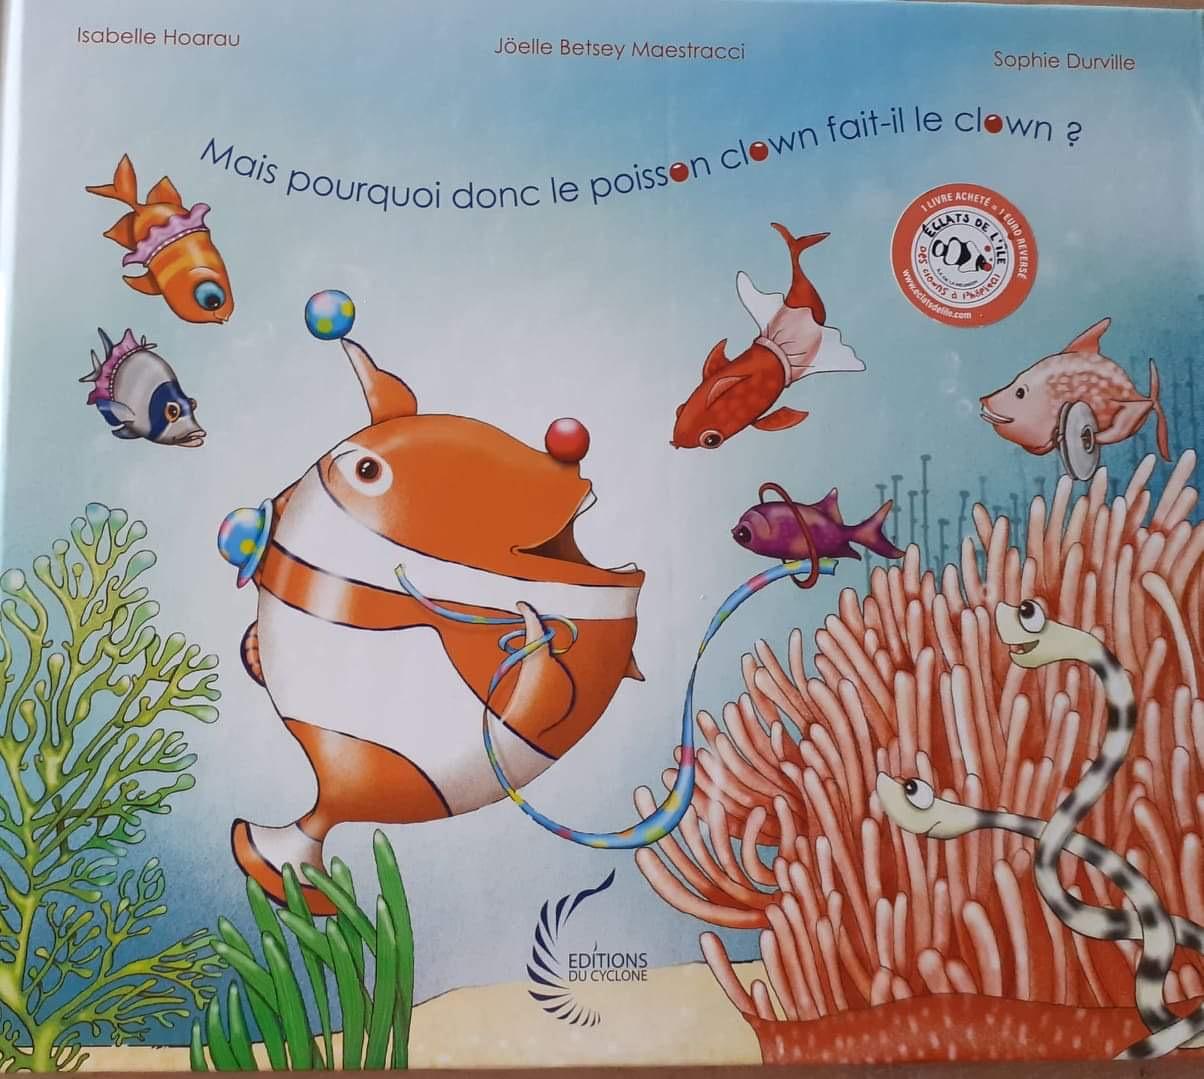 Mais pourquoi donc le poisson clown fait-il le clown ? :: Isabelle Hoarau, Joëlle Betsey Maestracci et Sophie Durville